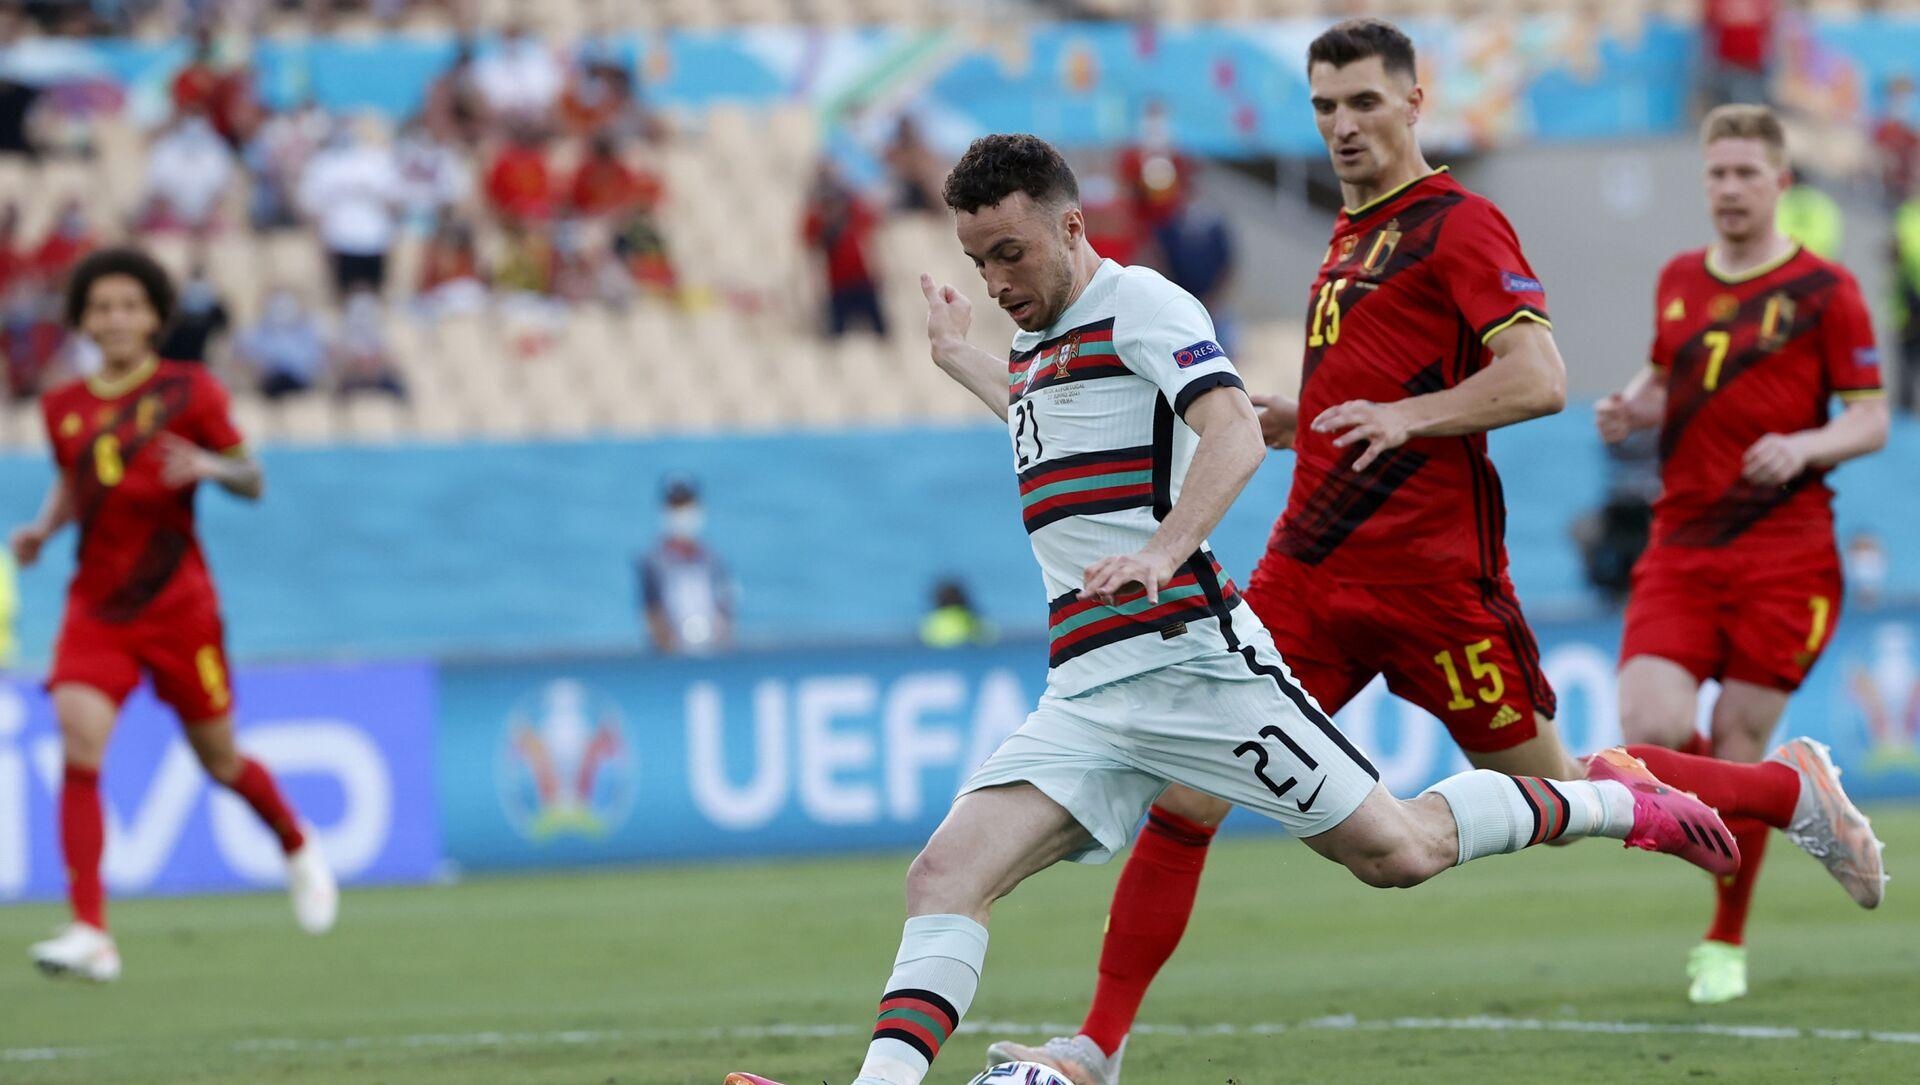 Các cầu thủ Bỉ và Bồ Đào Nha trong trận đấu tại Euro 2020 - Sputnik Việt Nam, 1920, 28.06.2021